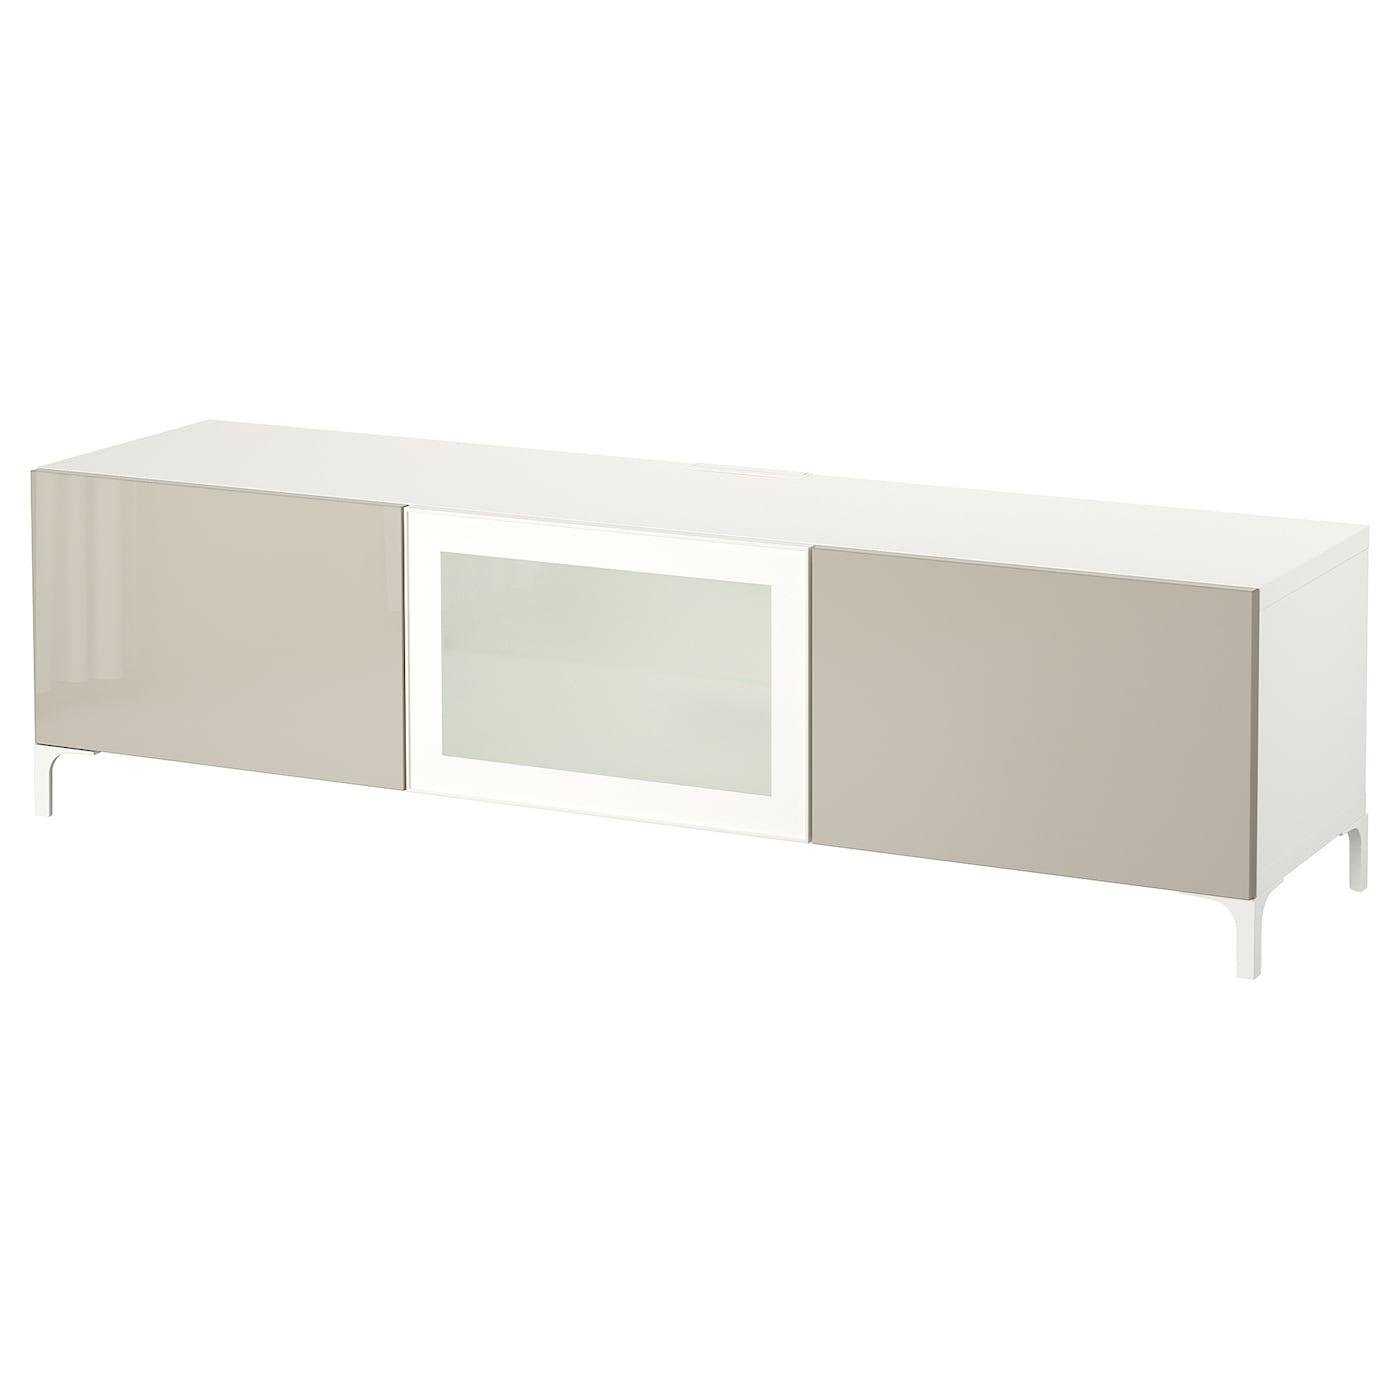 bestÅ banc tv avec tiroirs et porte blanc/selsviken brillant/beige